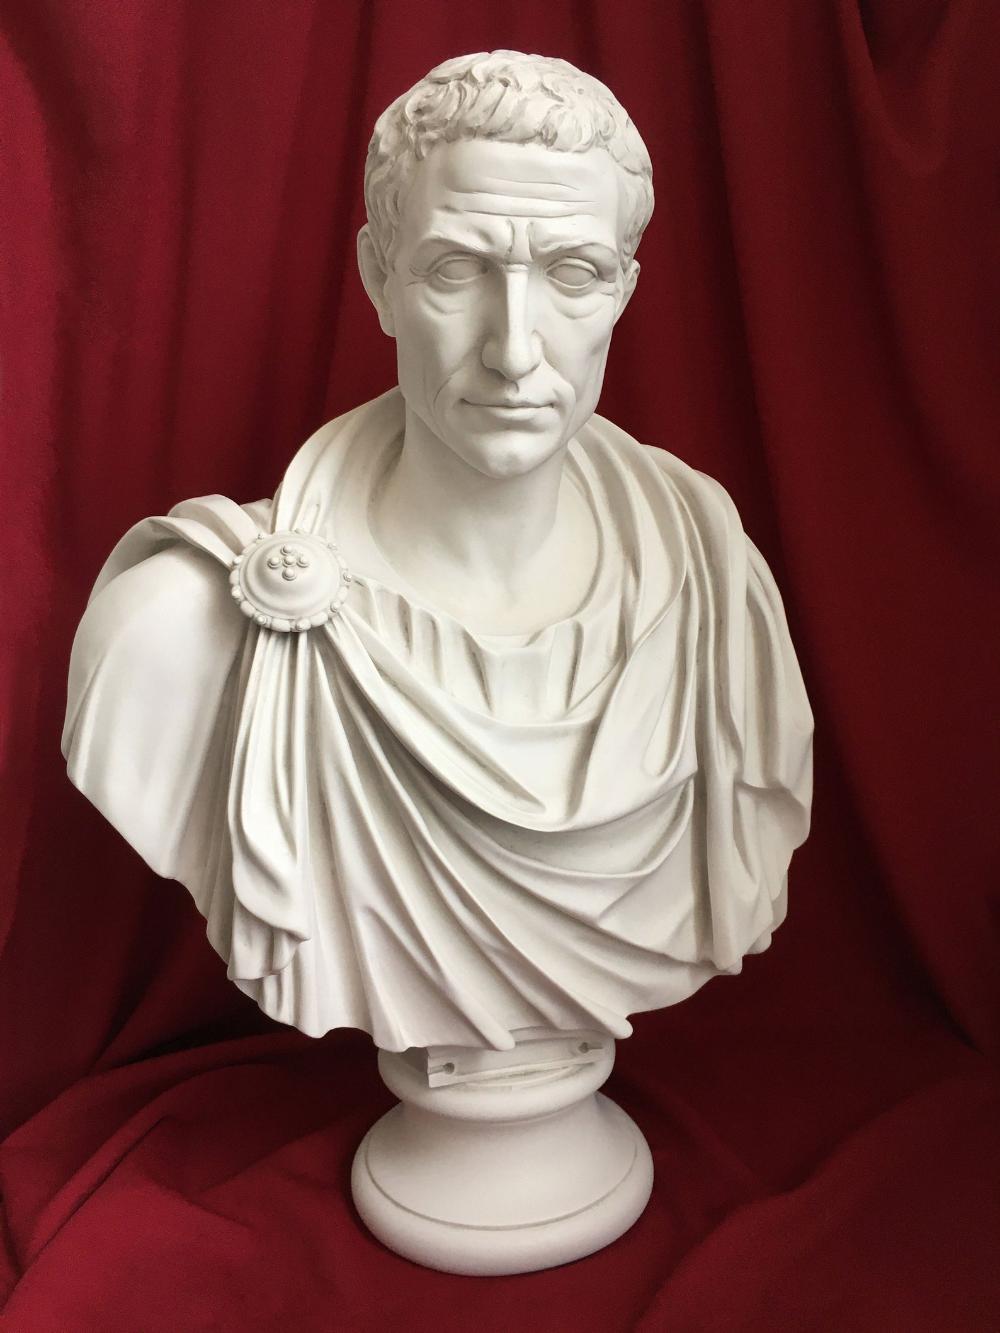 Julius Caesar In Toga Marble Bust Sculpture Large 80 Cm 31 5 Bust Sculpture Marble Bust Roman Busts